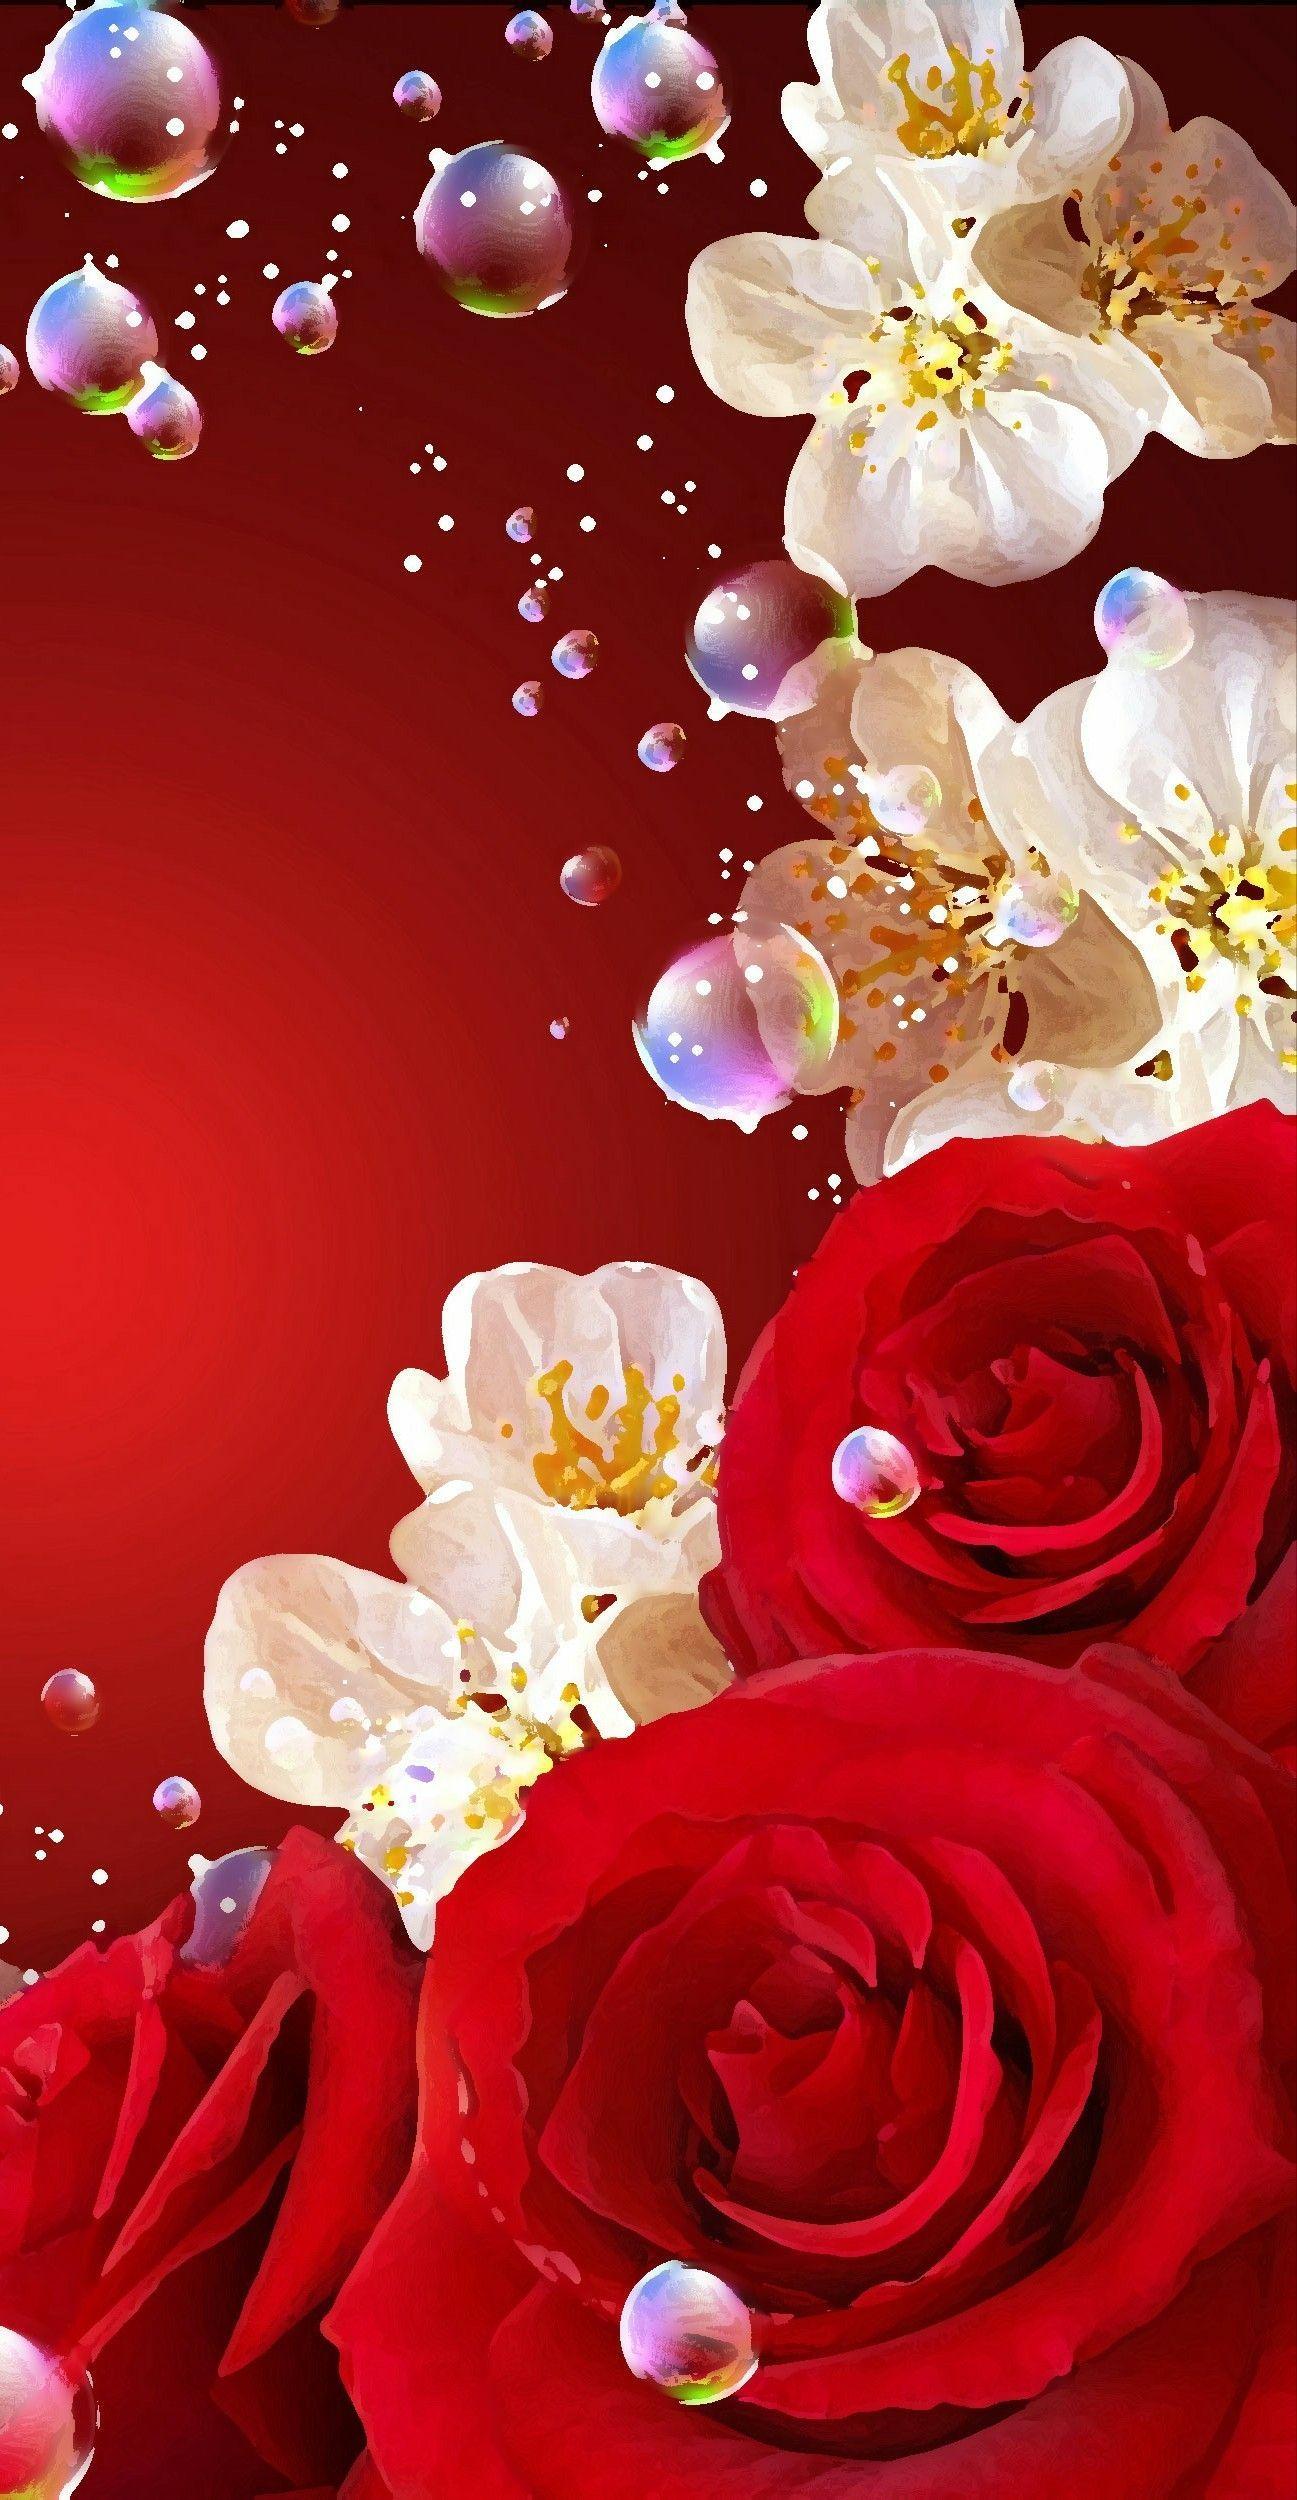 Wallpaper By Artist Unknown Flowery Wallpaper Rose Wallpaper Rose Flower Wallpaper